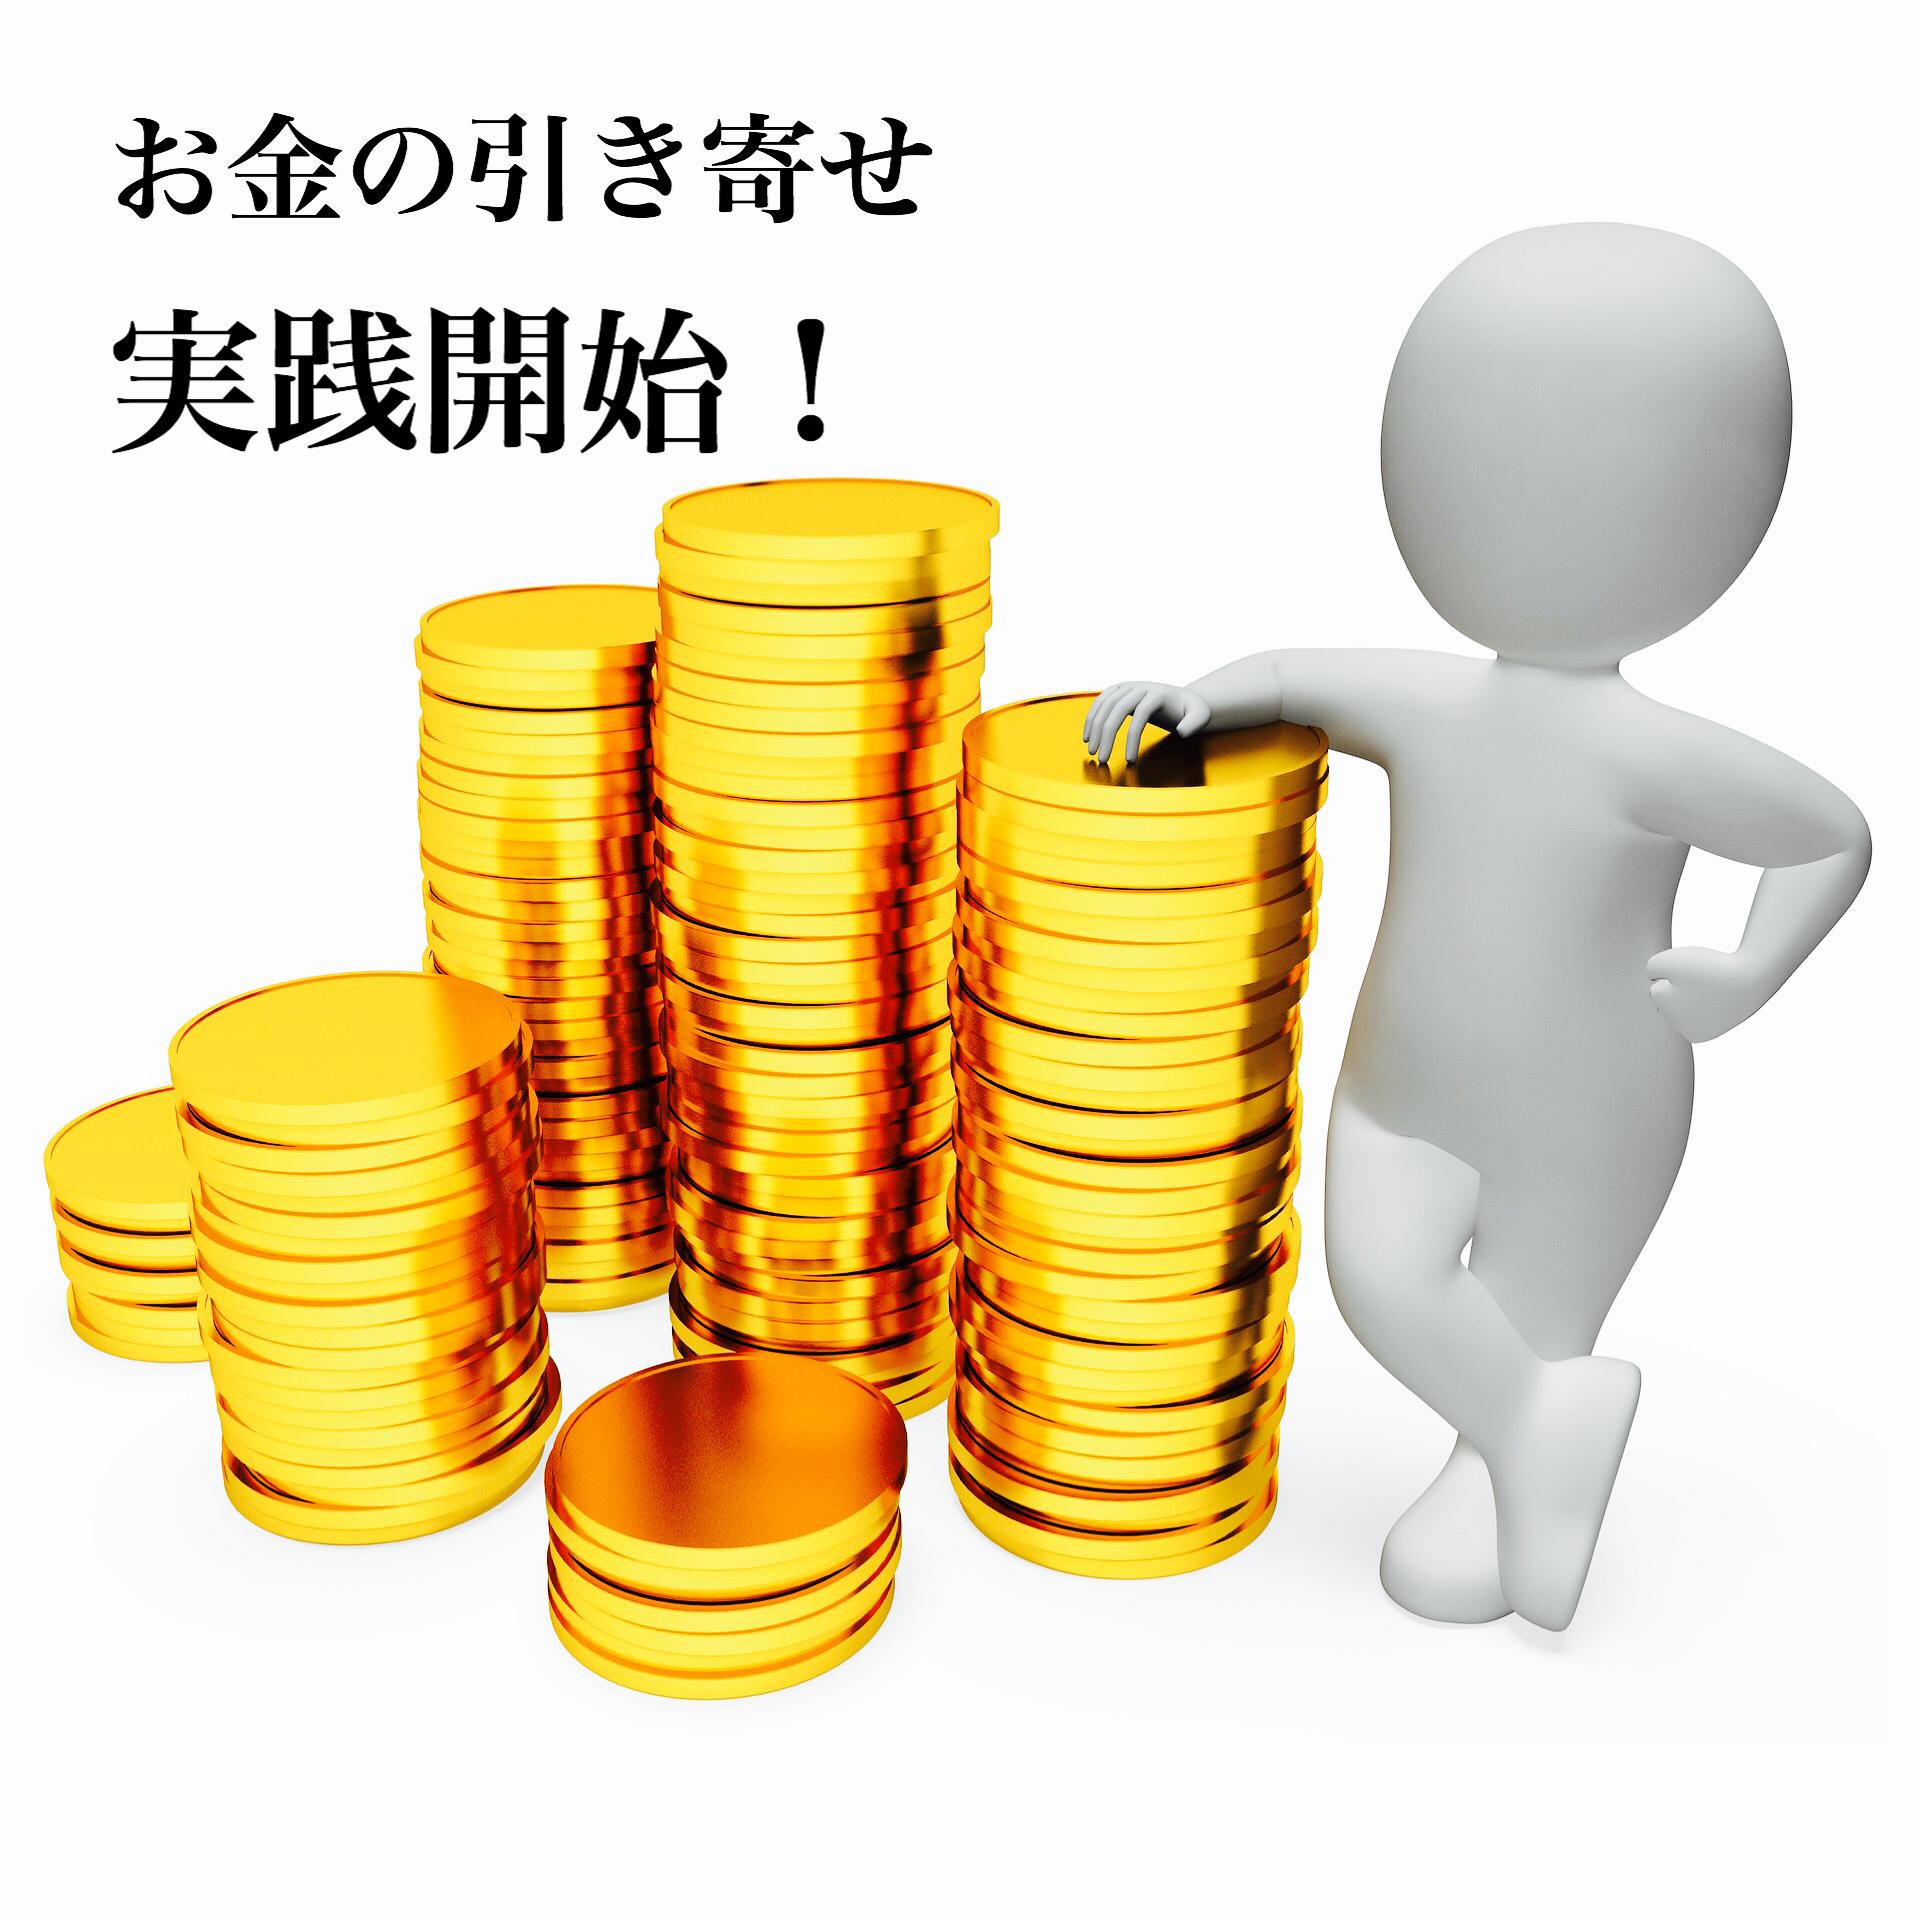 お金の引き寄せを実践する